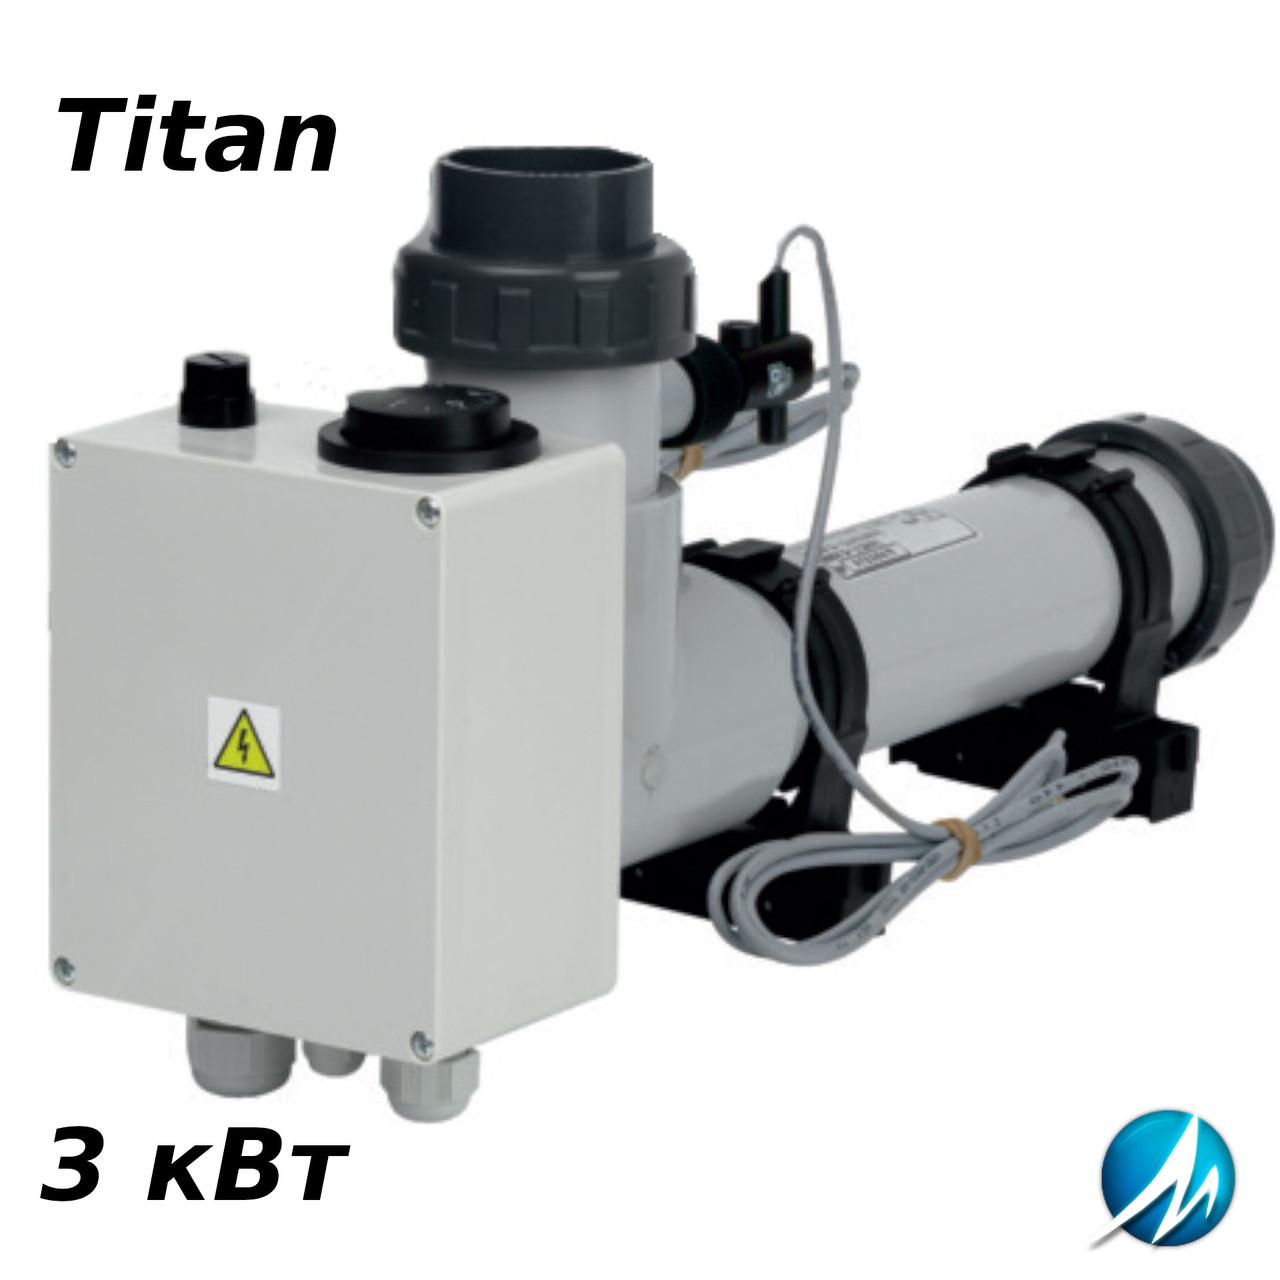 Електронагрівач EOVTI Titan (тен з титану) - 3 кВт